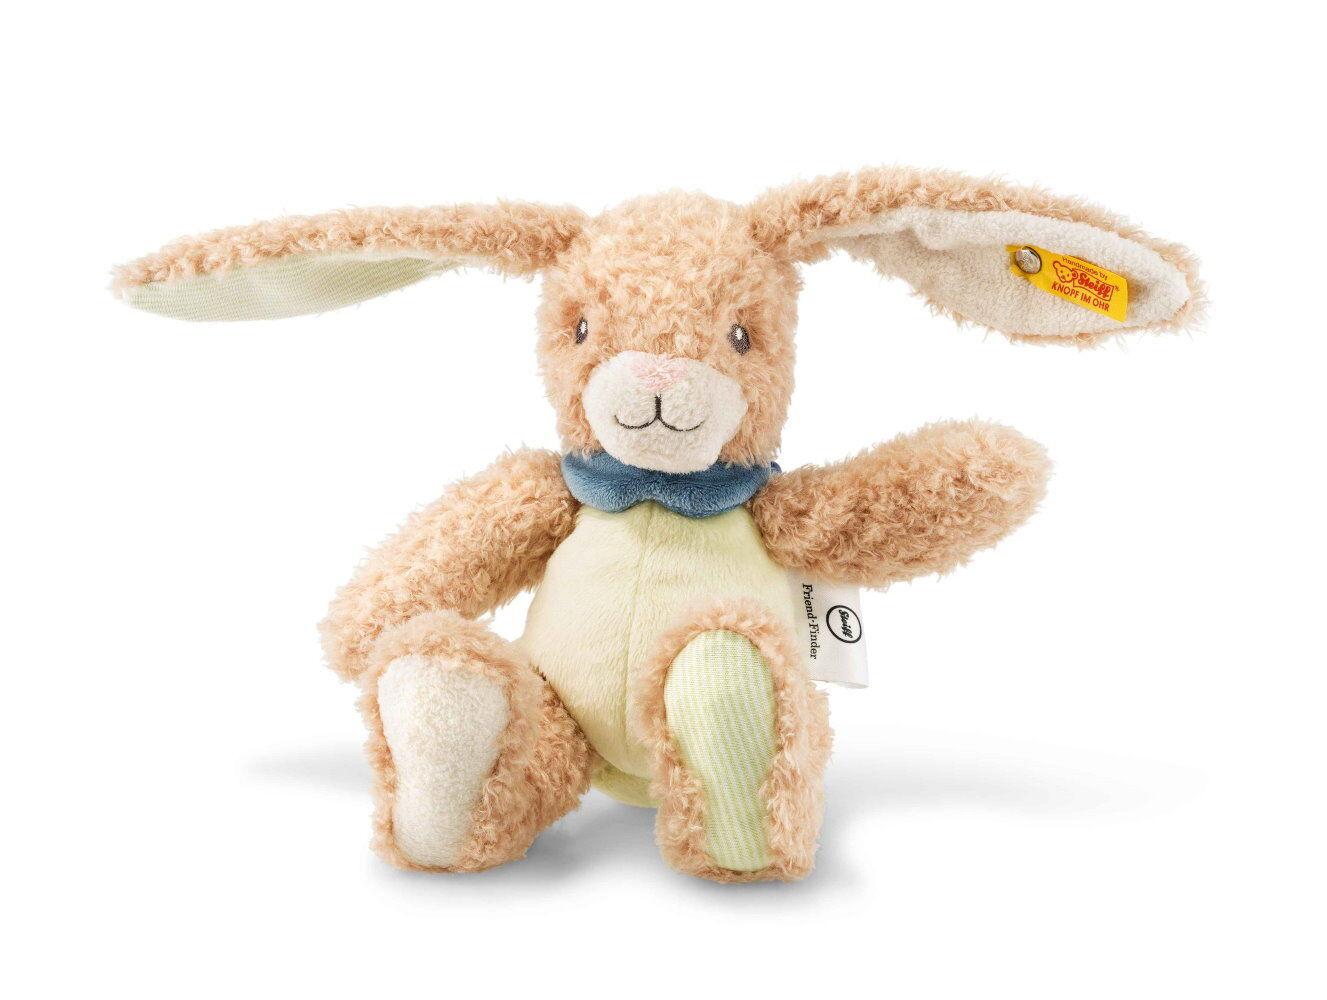 Steiff Baby Freundefinder Knister Hase 25cm Plüsch Kuscheltier Geschenk Geschenk Geschenk 240331 e7221e